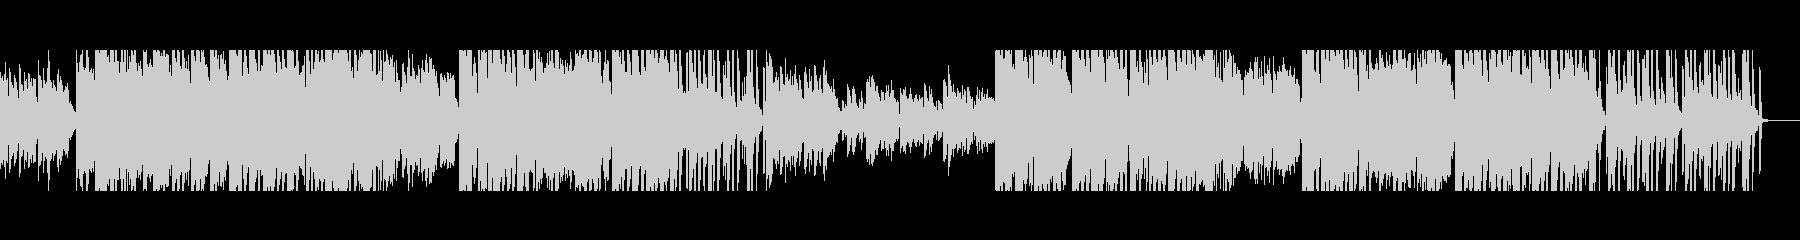 民話風テクノ 人工音声スキャット付きの未再生の波形